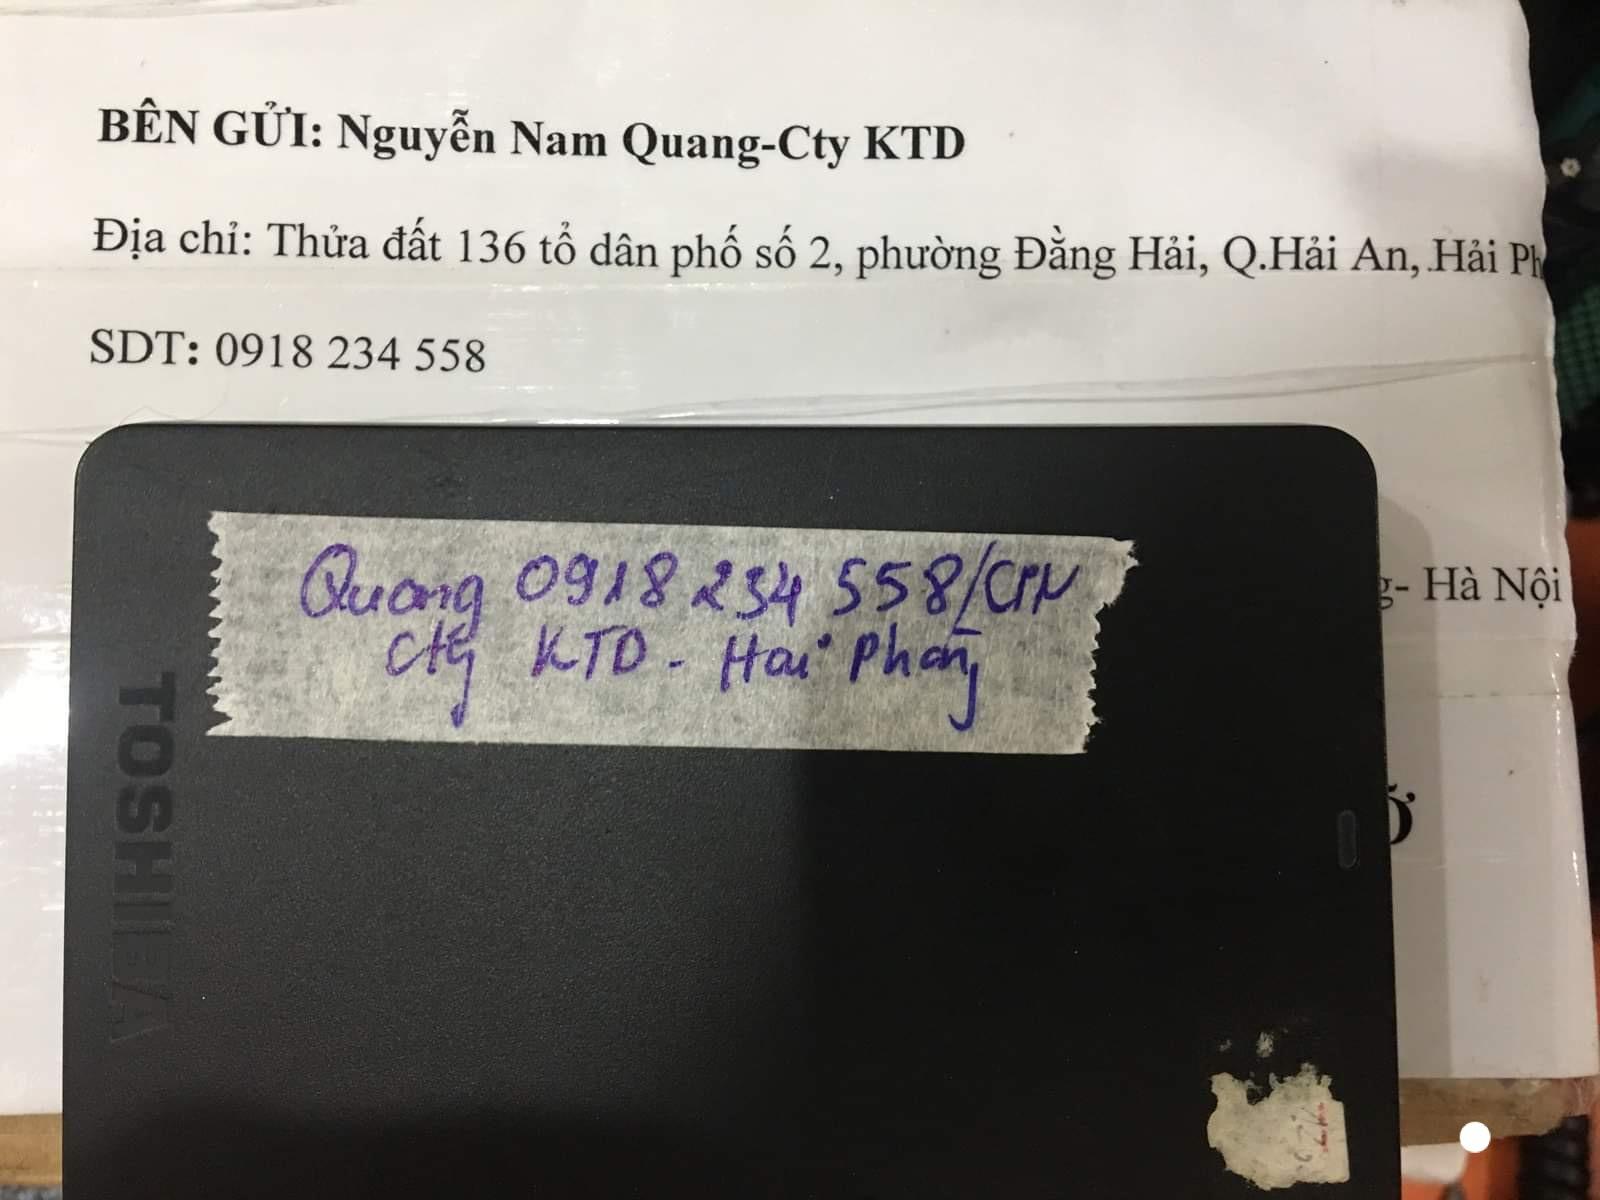 Phục hồi dữ liệu ổ cứng Toshiba 1TB bad tại Hải Phòng 10/08/2020 - cuumaytinh